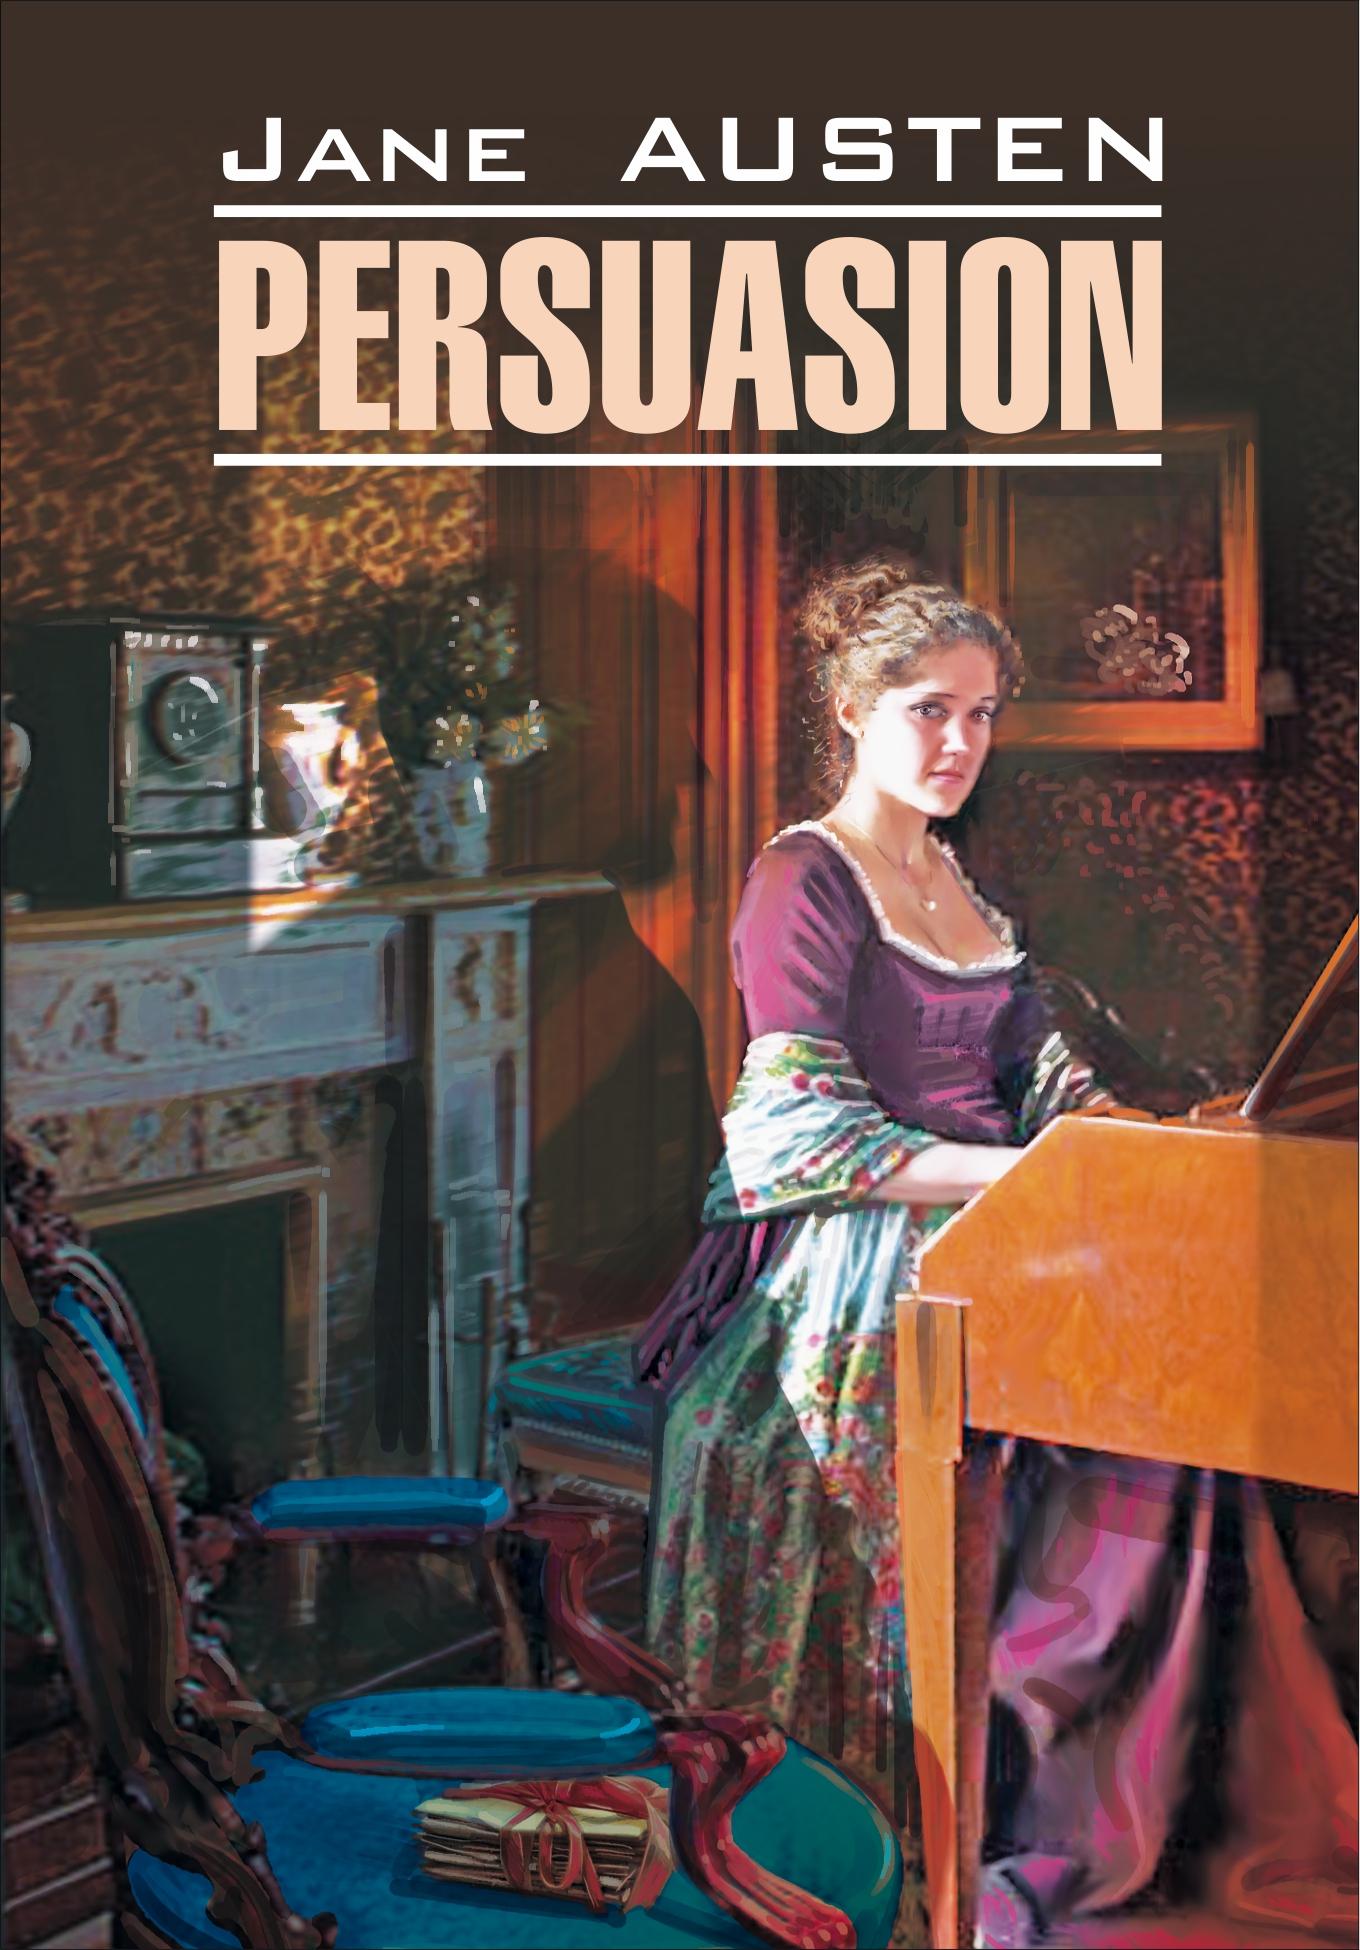 persuasion dovody rassudka kniga dlya chteniya na angliyskom yazyke